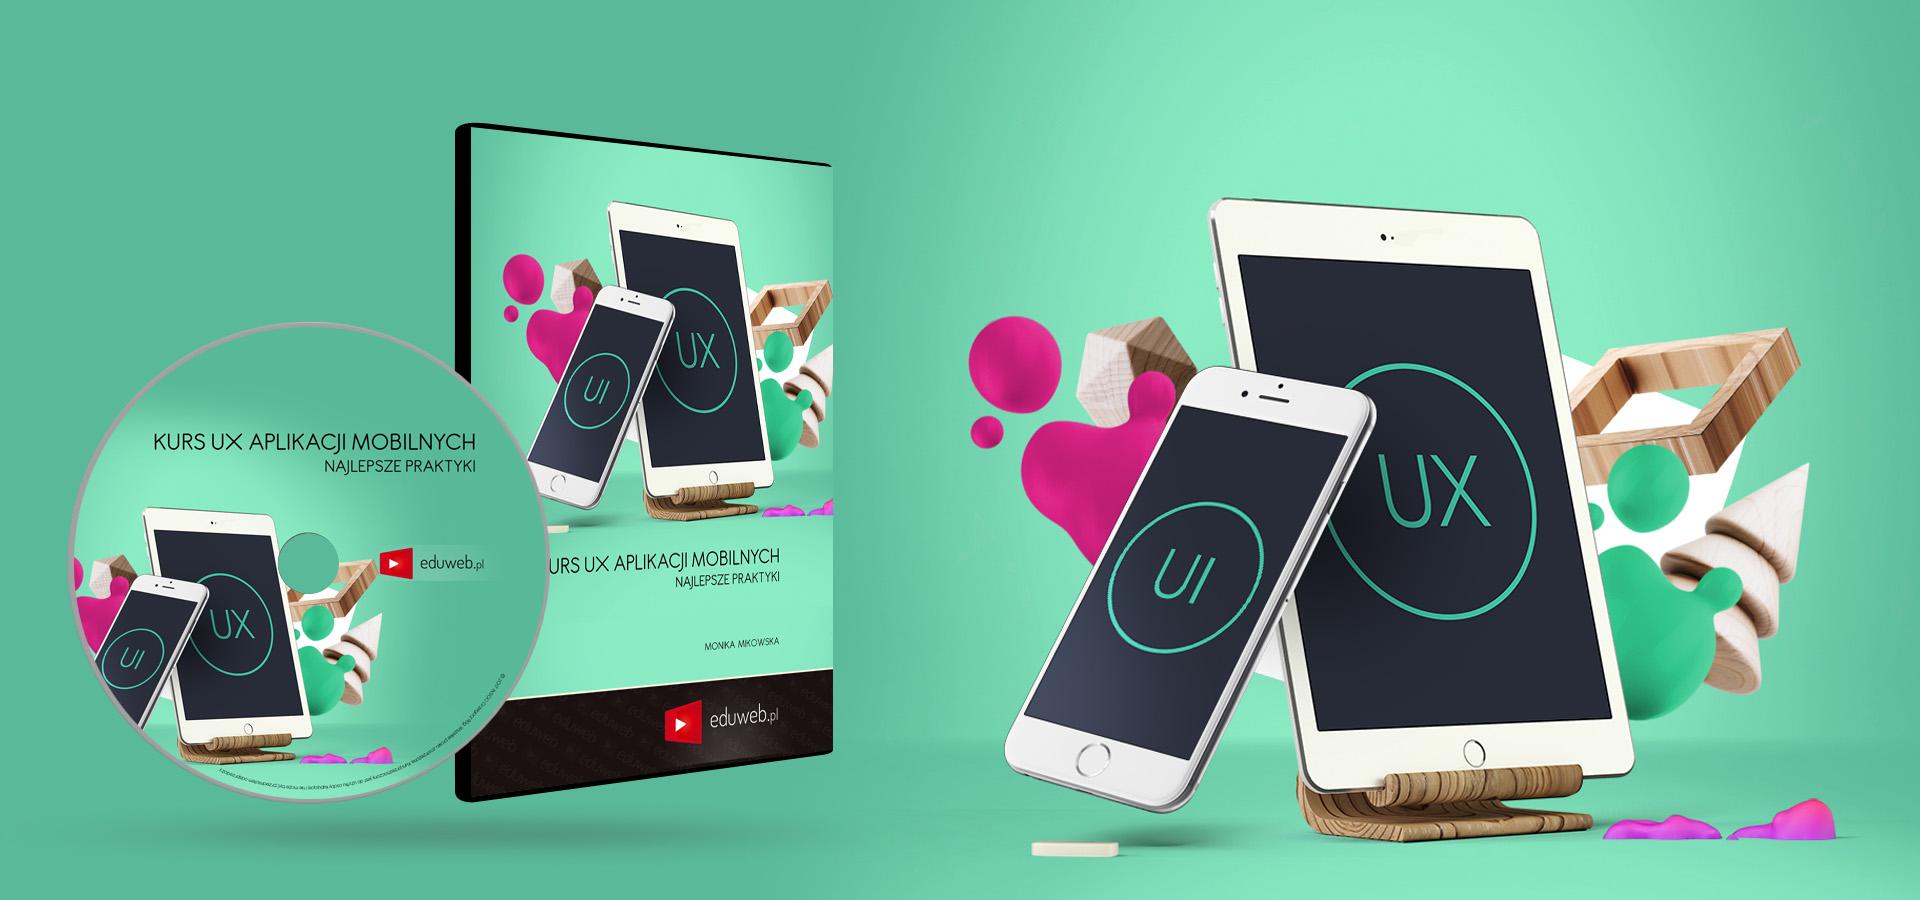 Kurs UX Aplikacji Mobilnych – Najlepsze Praktyki już dostępny!